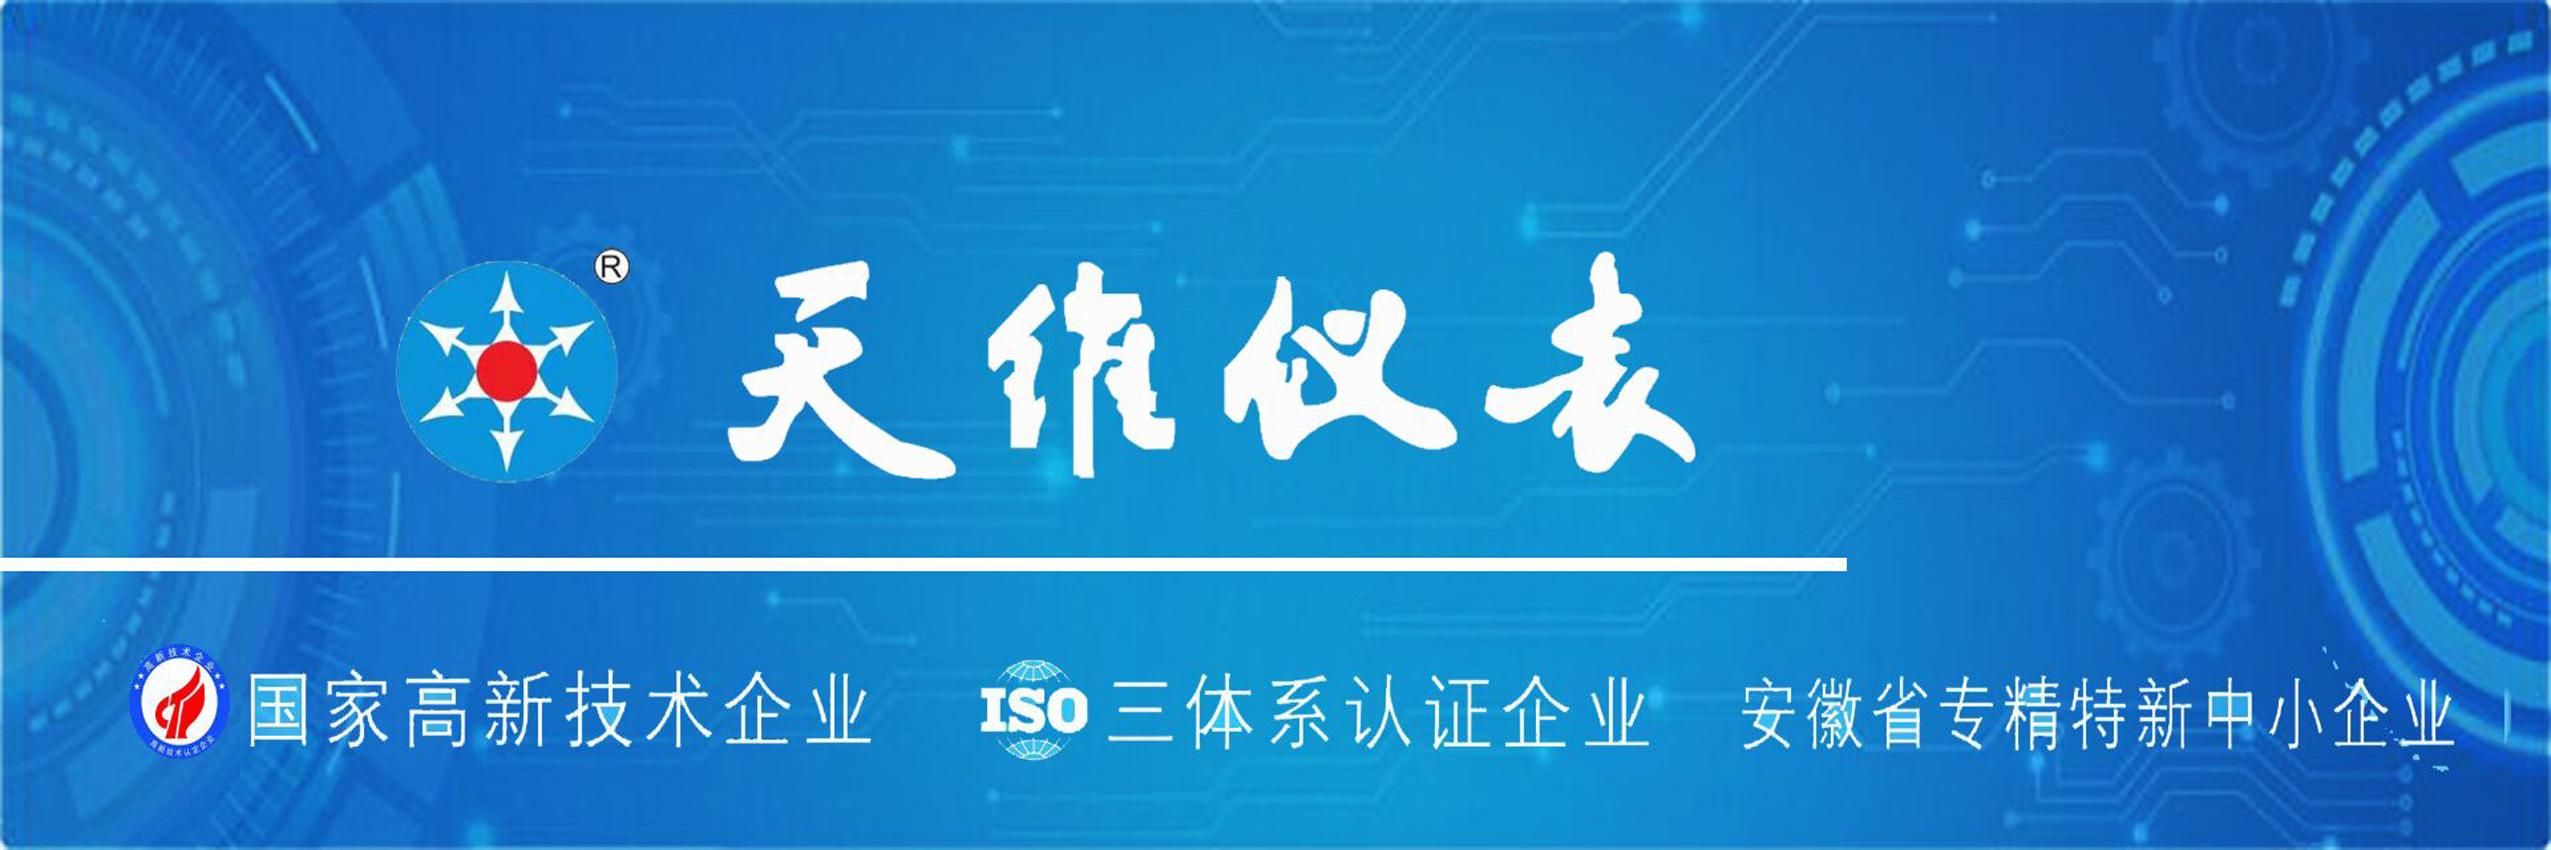 中國環博會閃耀亮相丨天維儀表與您共創萬物智聯時代